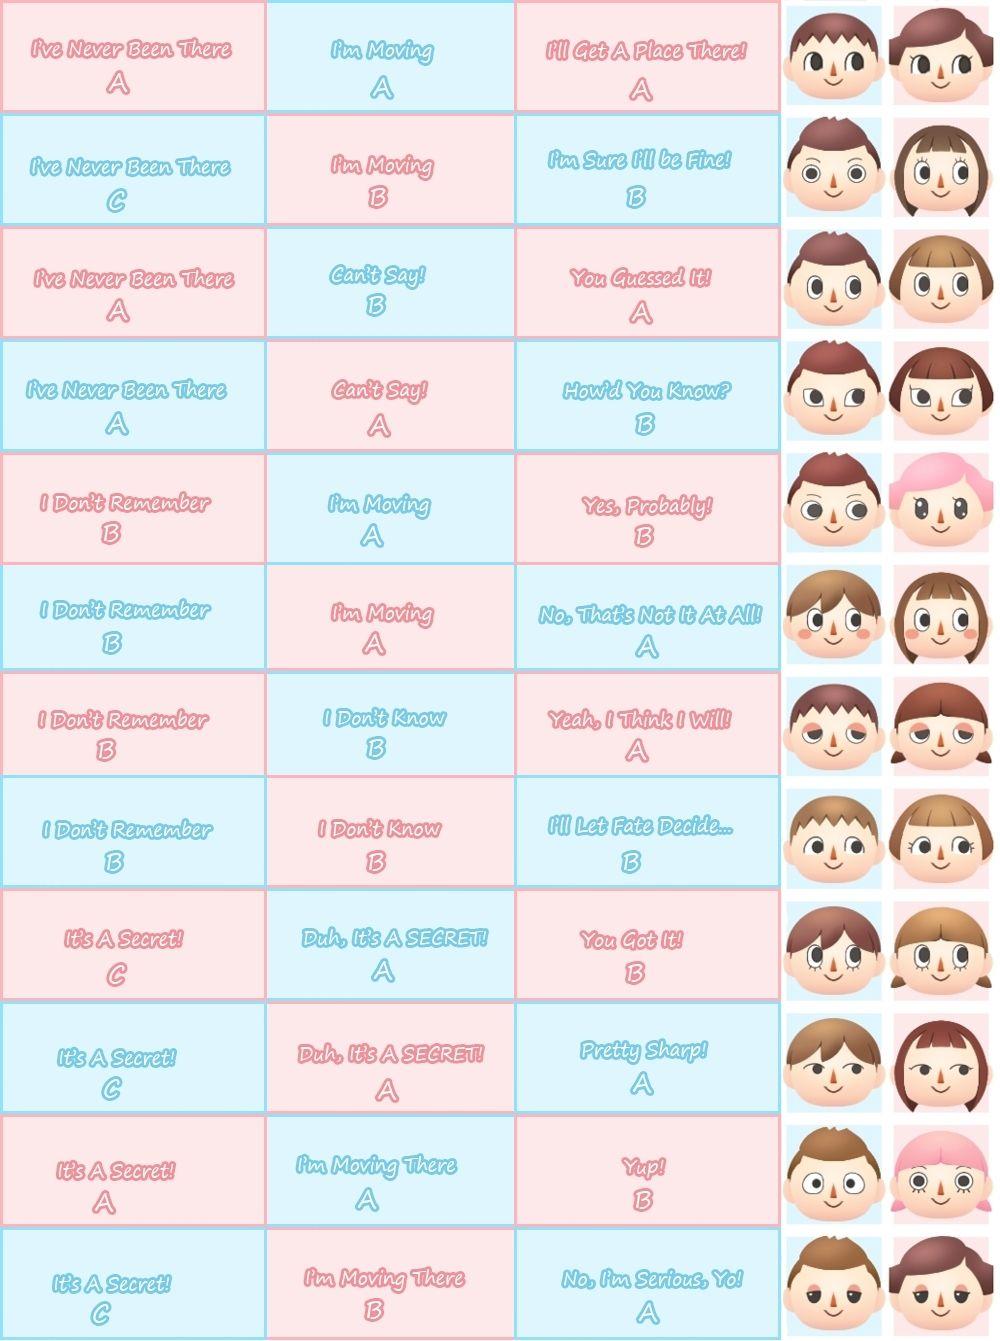 Untitled Animal Crossing Hair Animal Crossing Hair Guide Animal Crossing 3ds